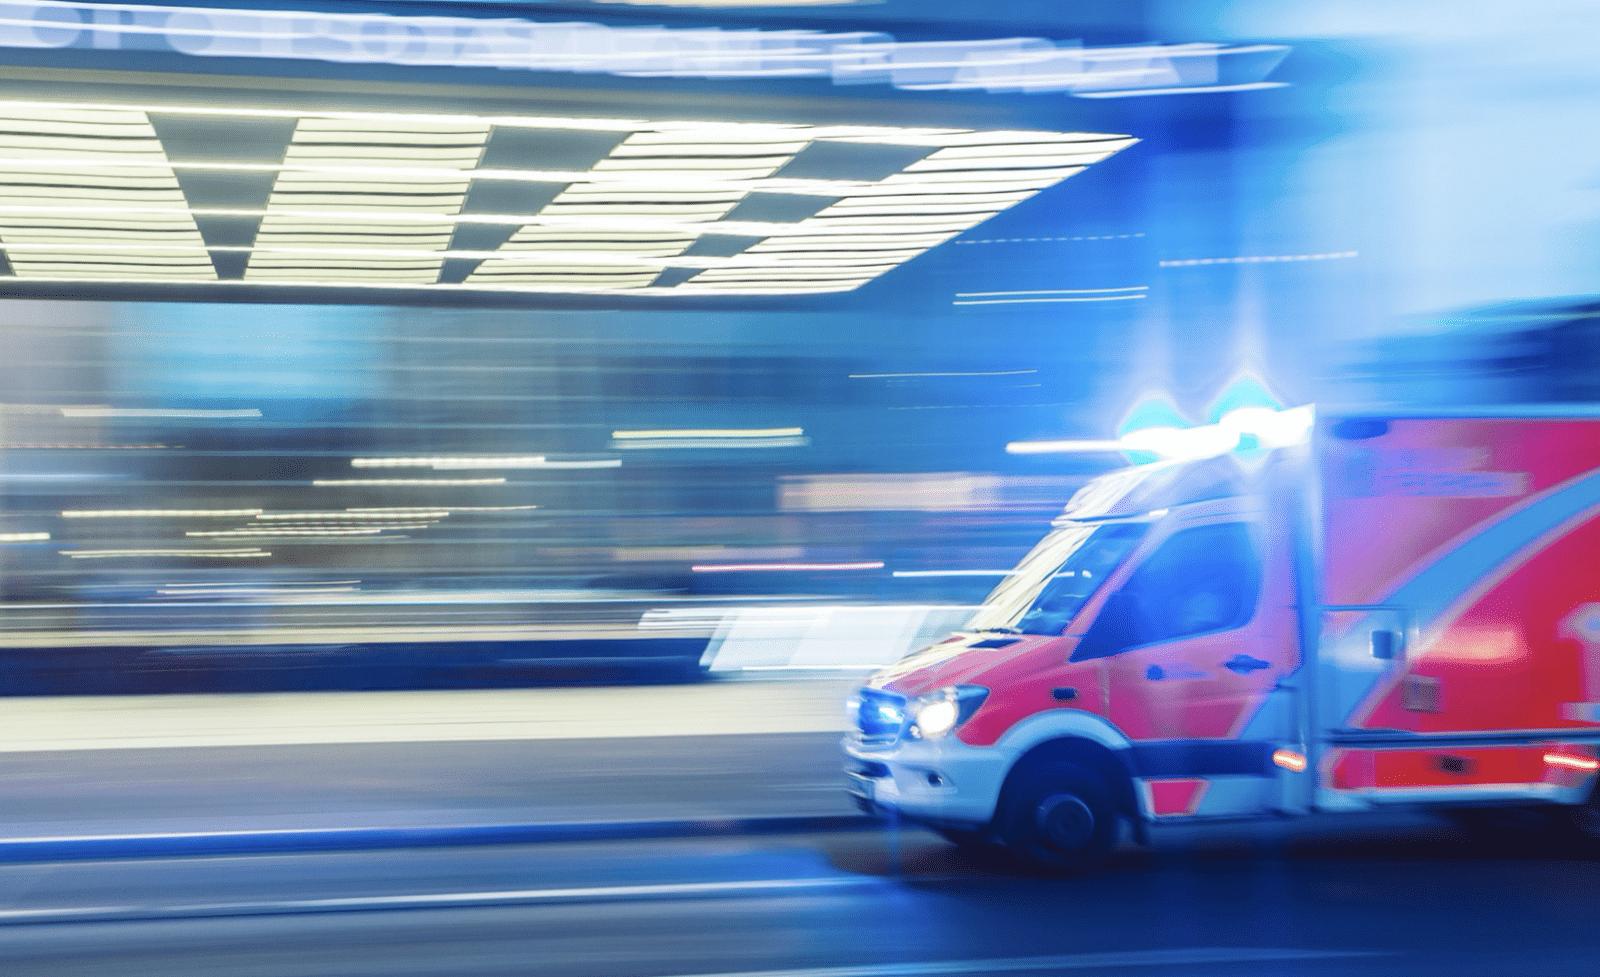 Os hospitais são, neste momento, alvos mais vulneráveis. ©Camilo Jimenez